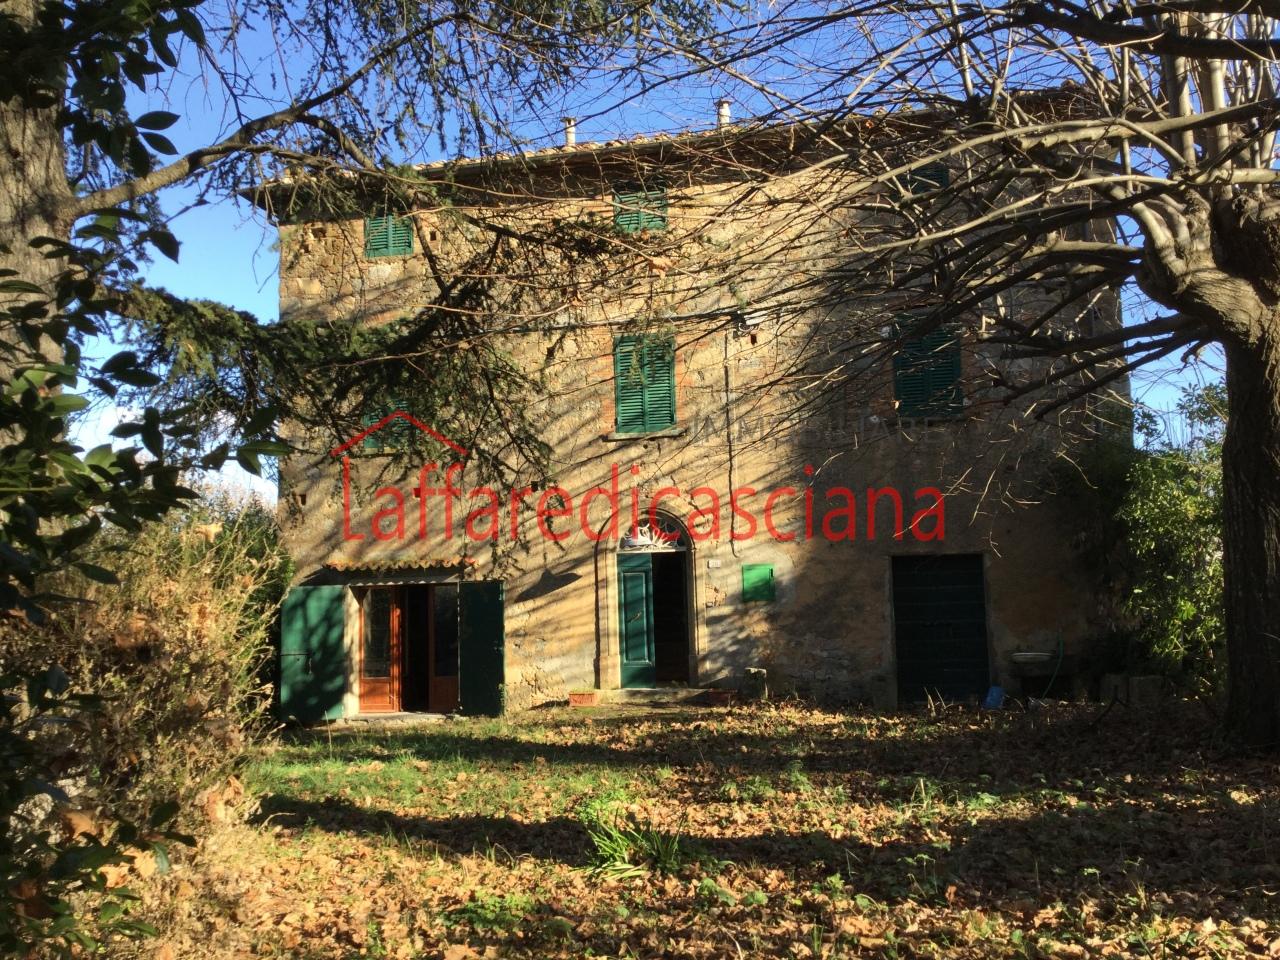 Rustico / Casale in vendita a Chianni, 7 locali, prezzo € 270.000   CambioCasa.it